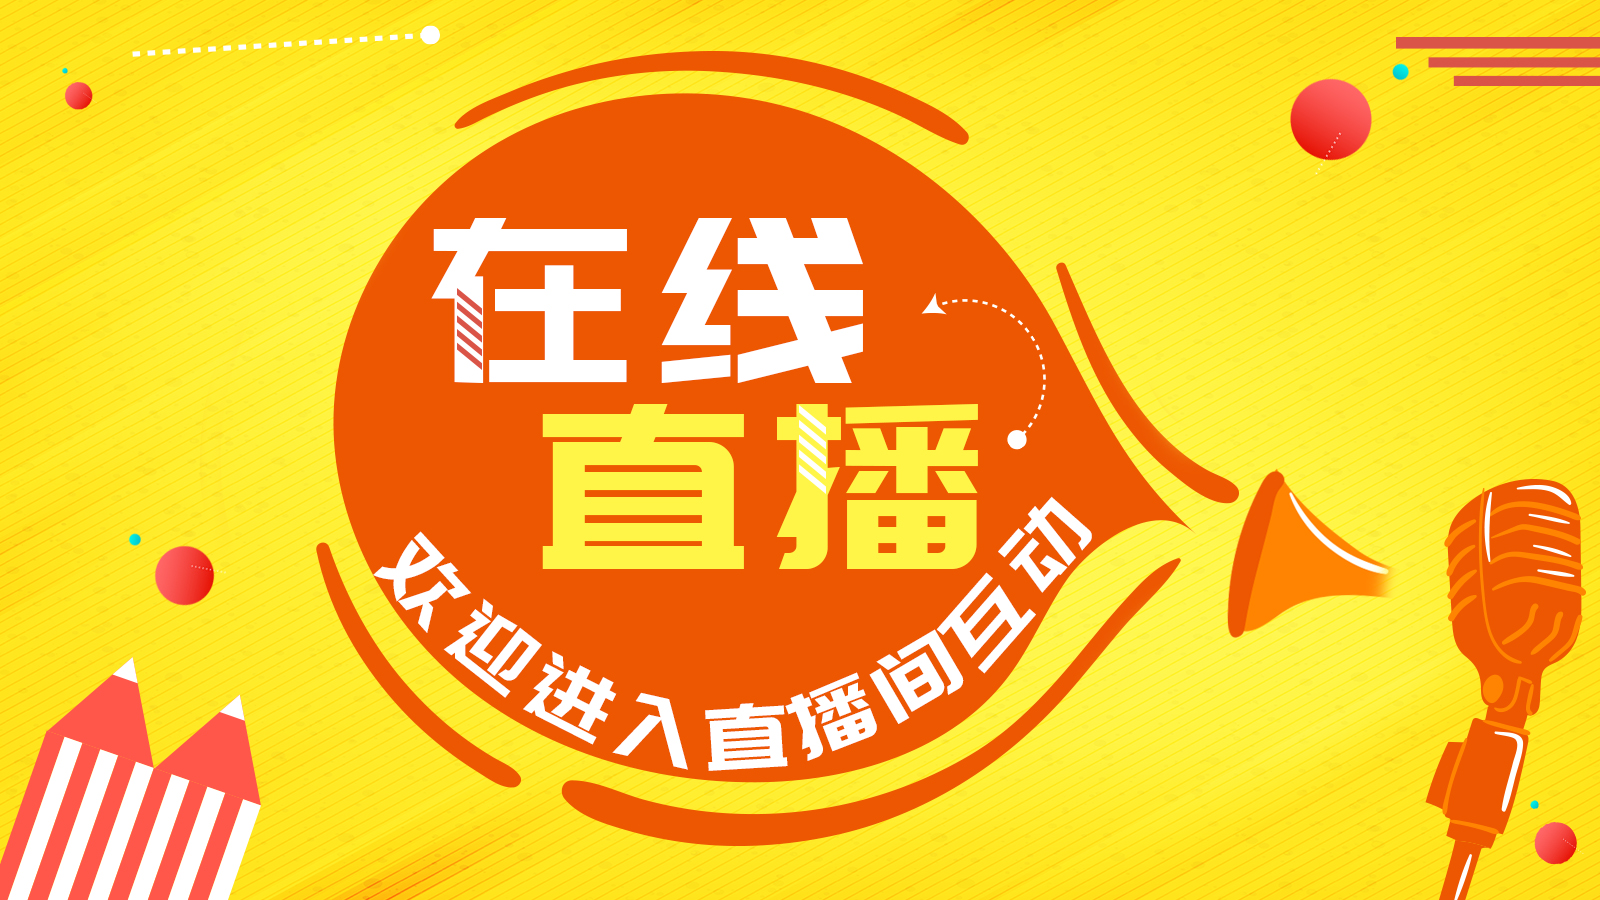 久创电气2020年度YBZHAN品牌直播之宣传片